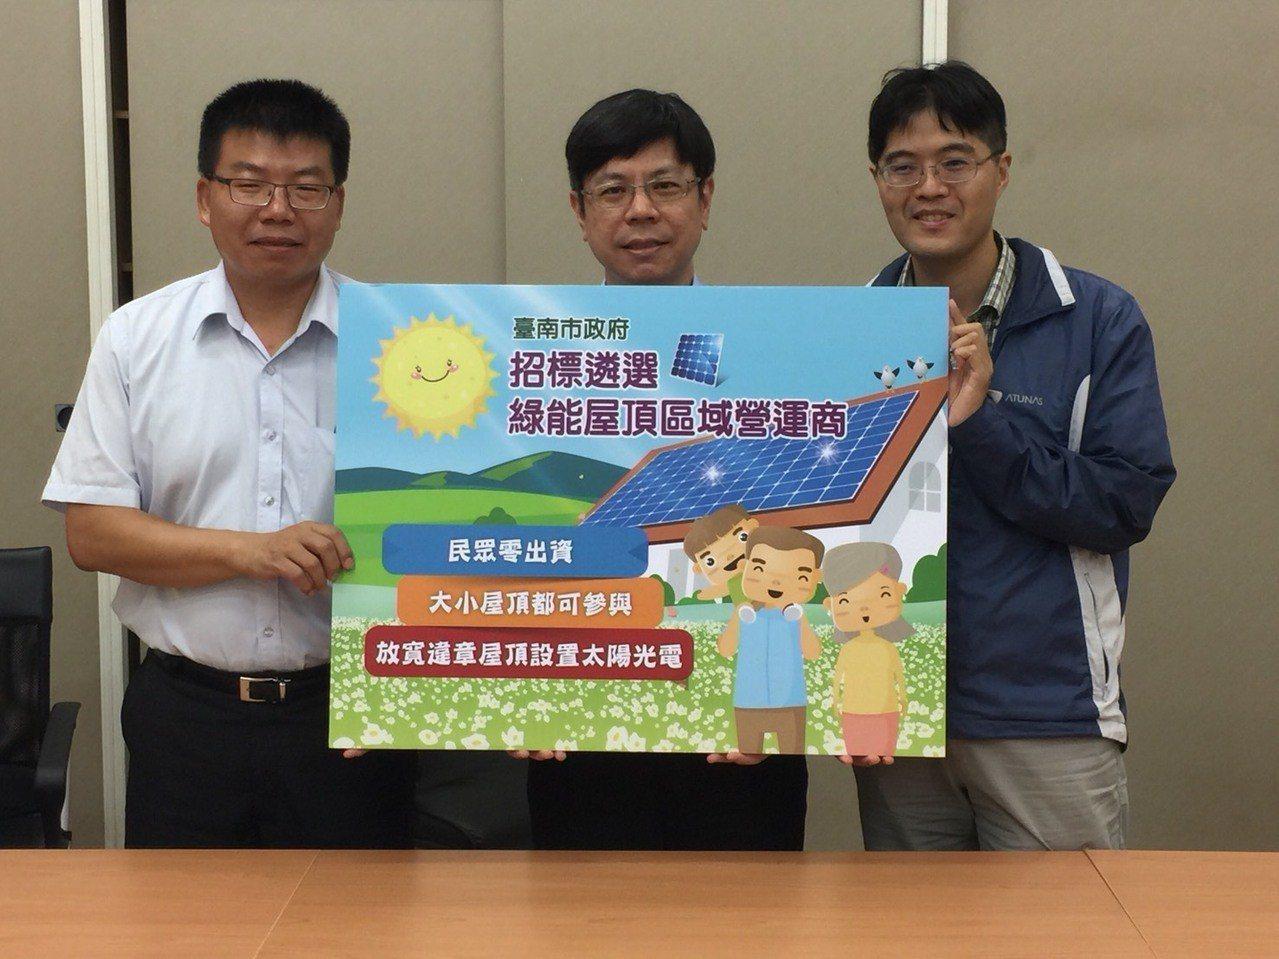 台南市政府經濟發展局推動綠能屋頂。記者吳政修/攝影